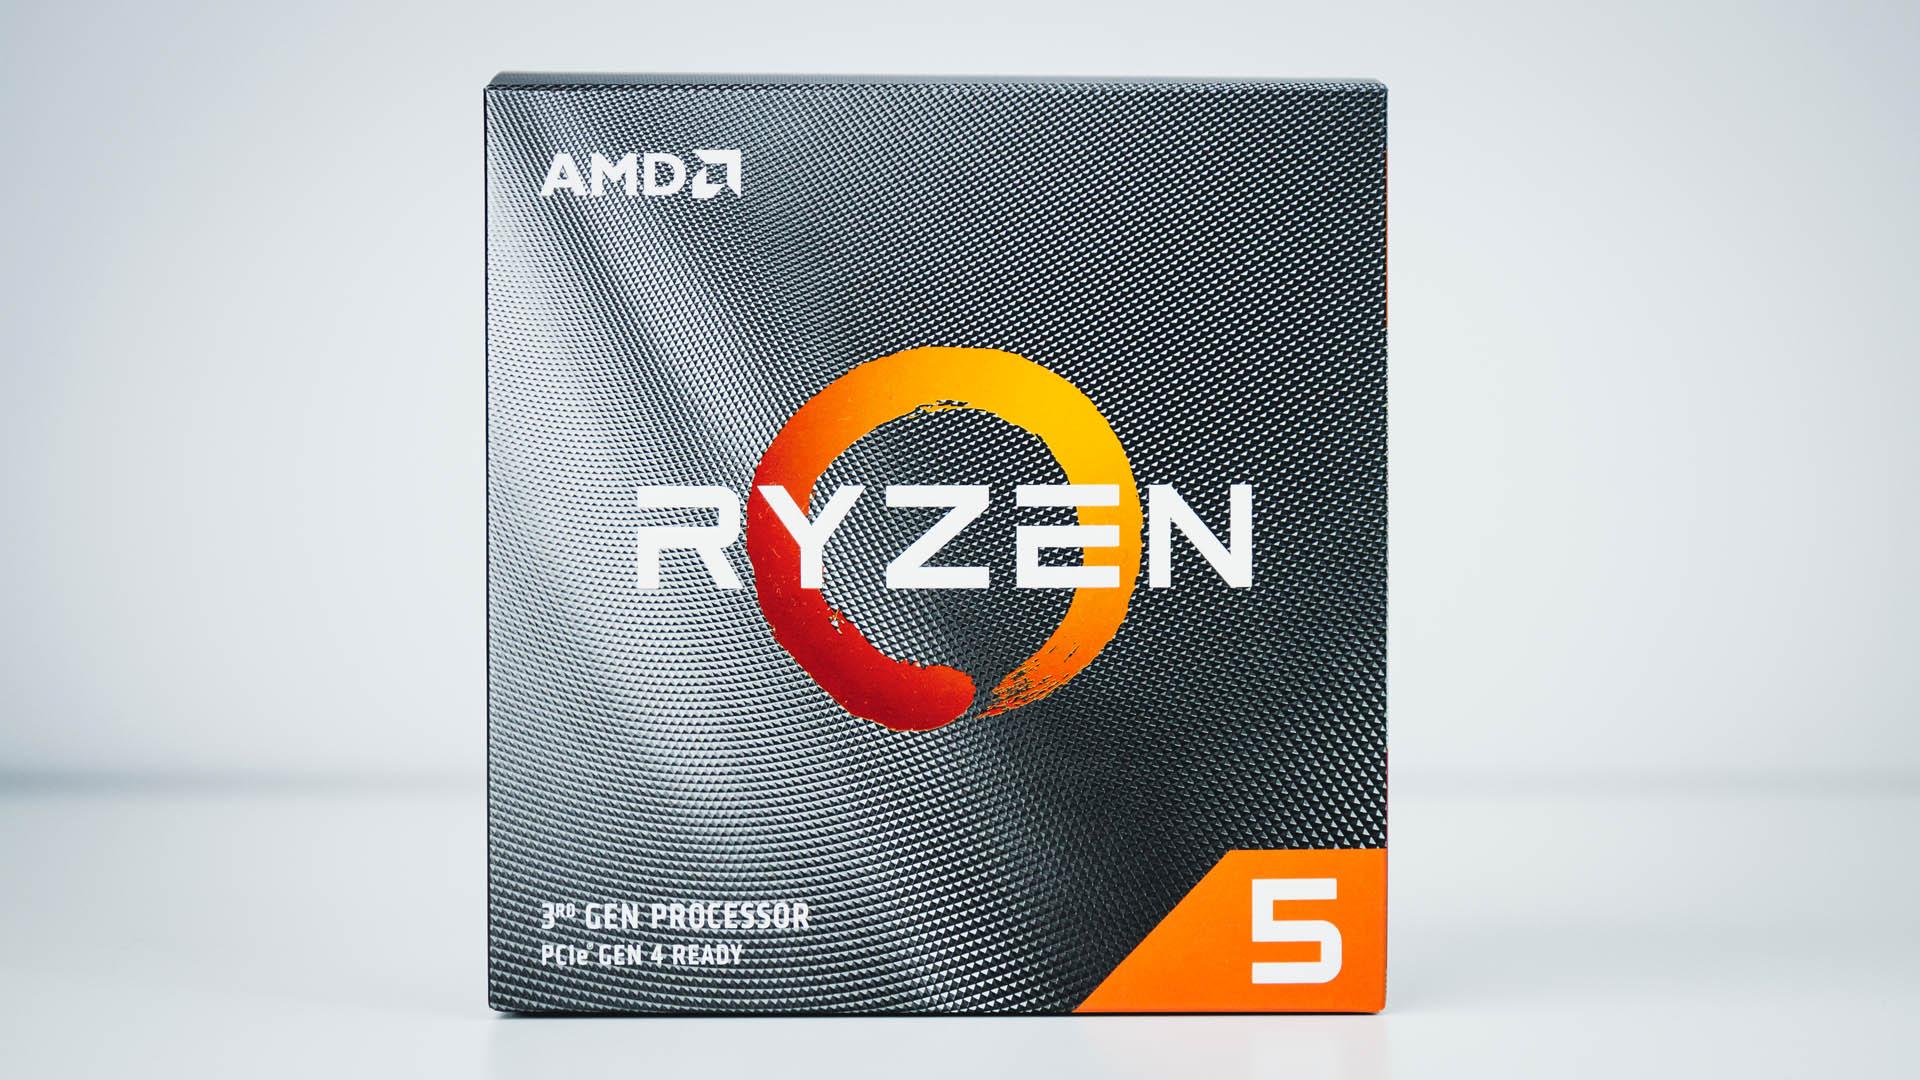 Kết quả hình ảnh cho Ryzen 5 3500X